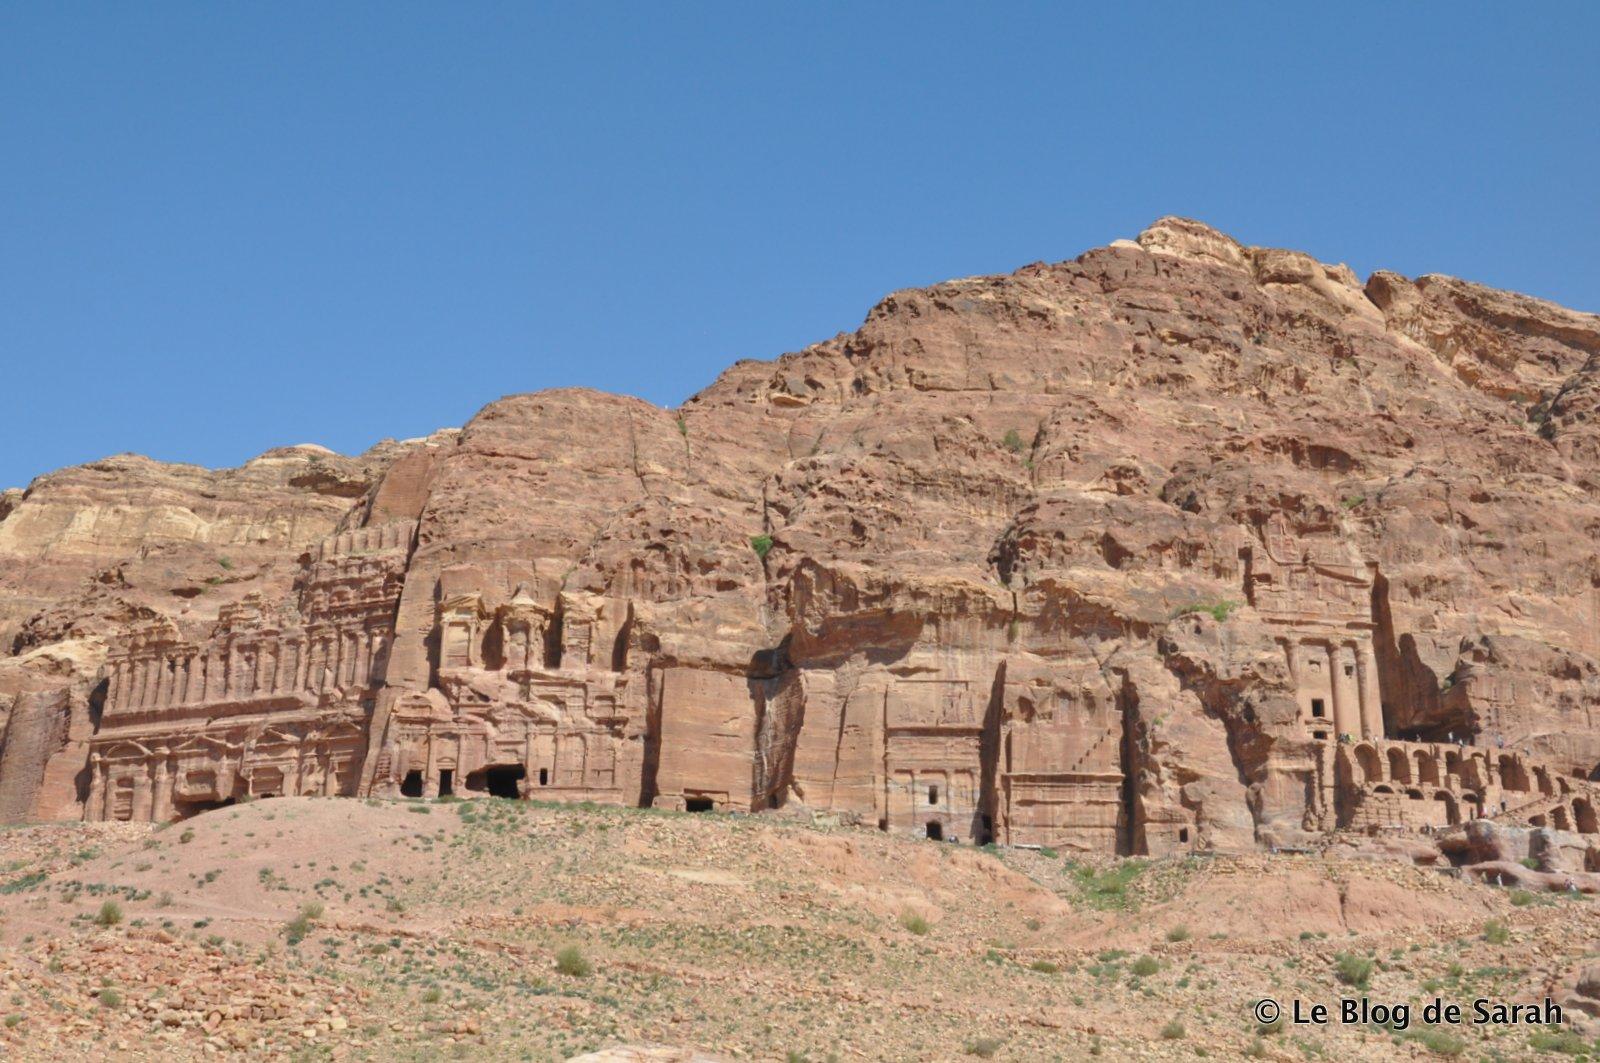 Des tombeaux nabatéens sculptés dans les falaises de Petra